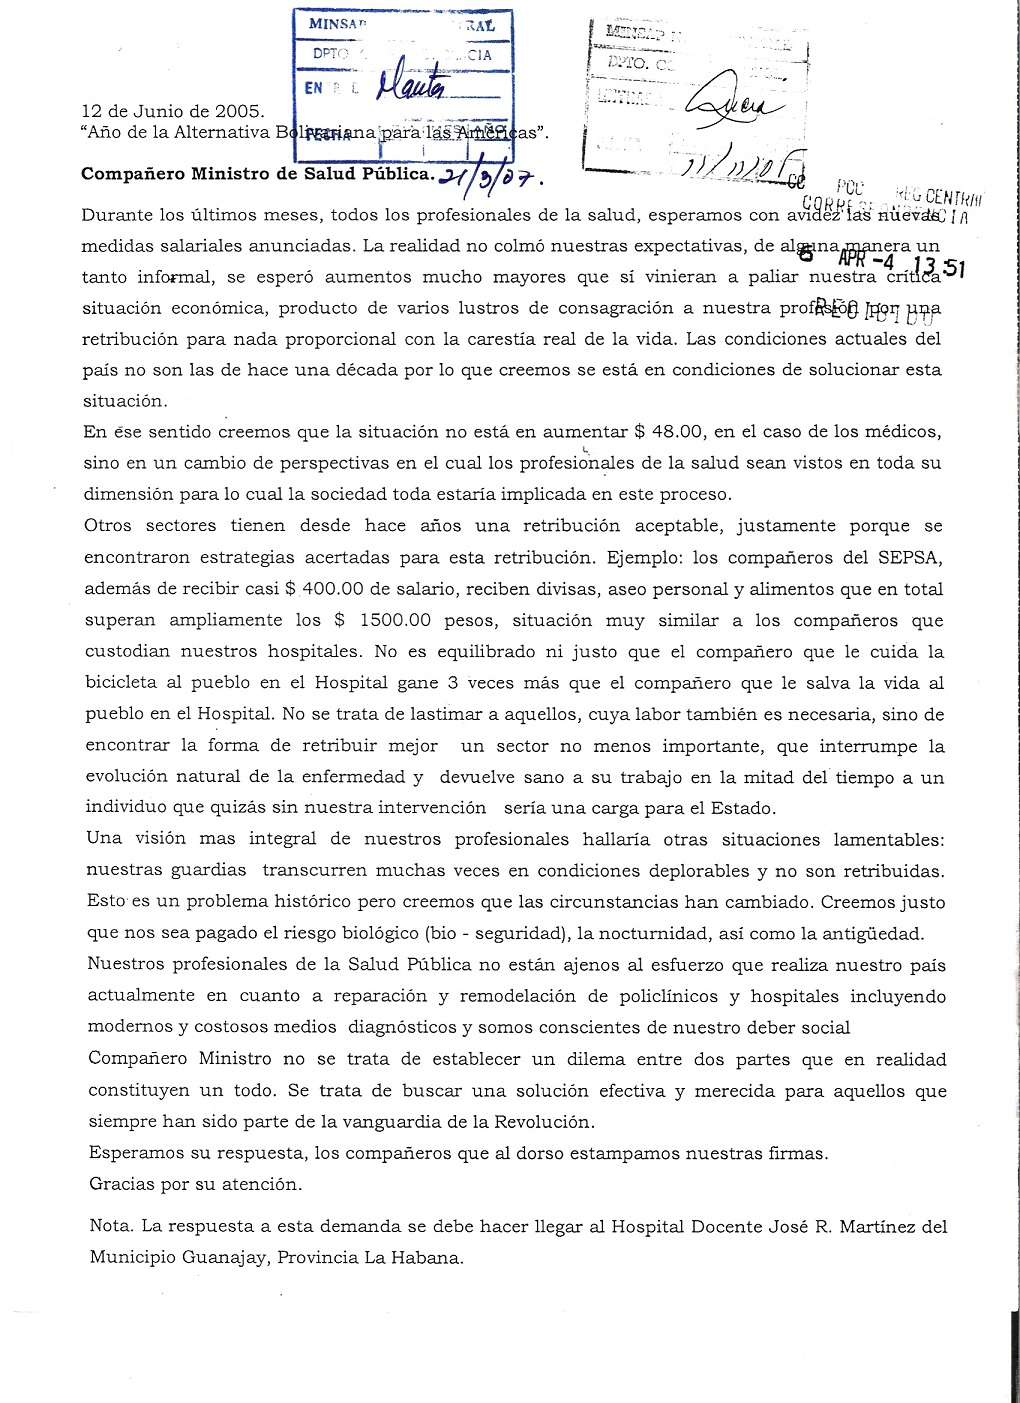 carta solicitud aumento de grado